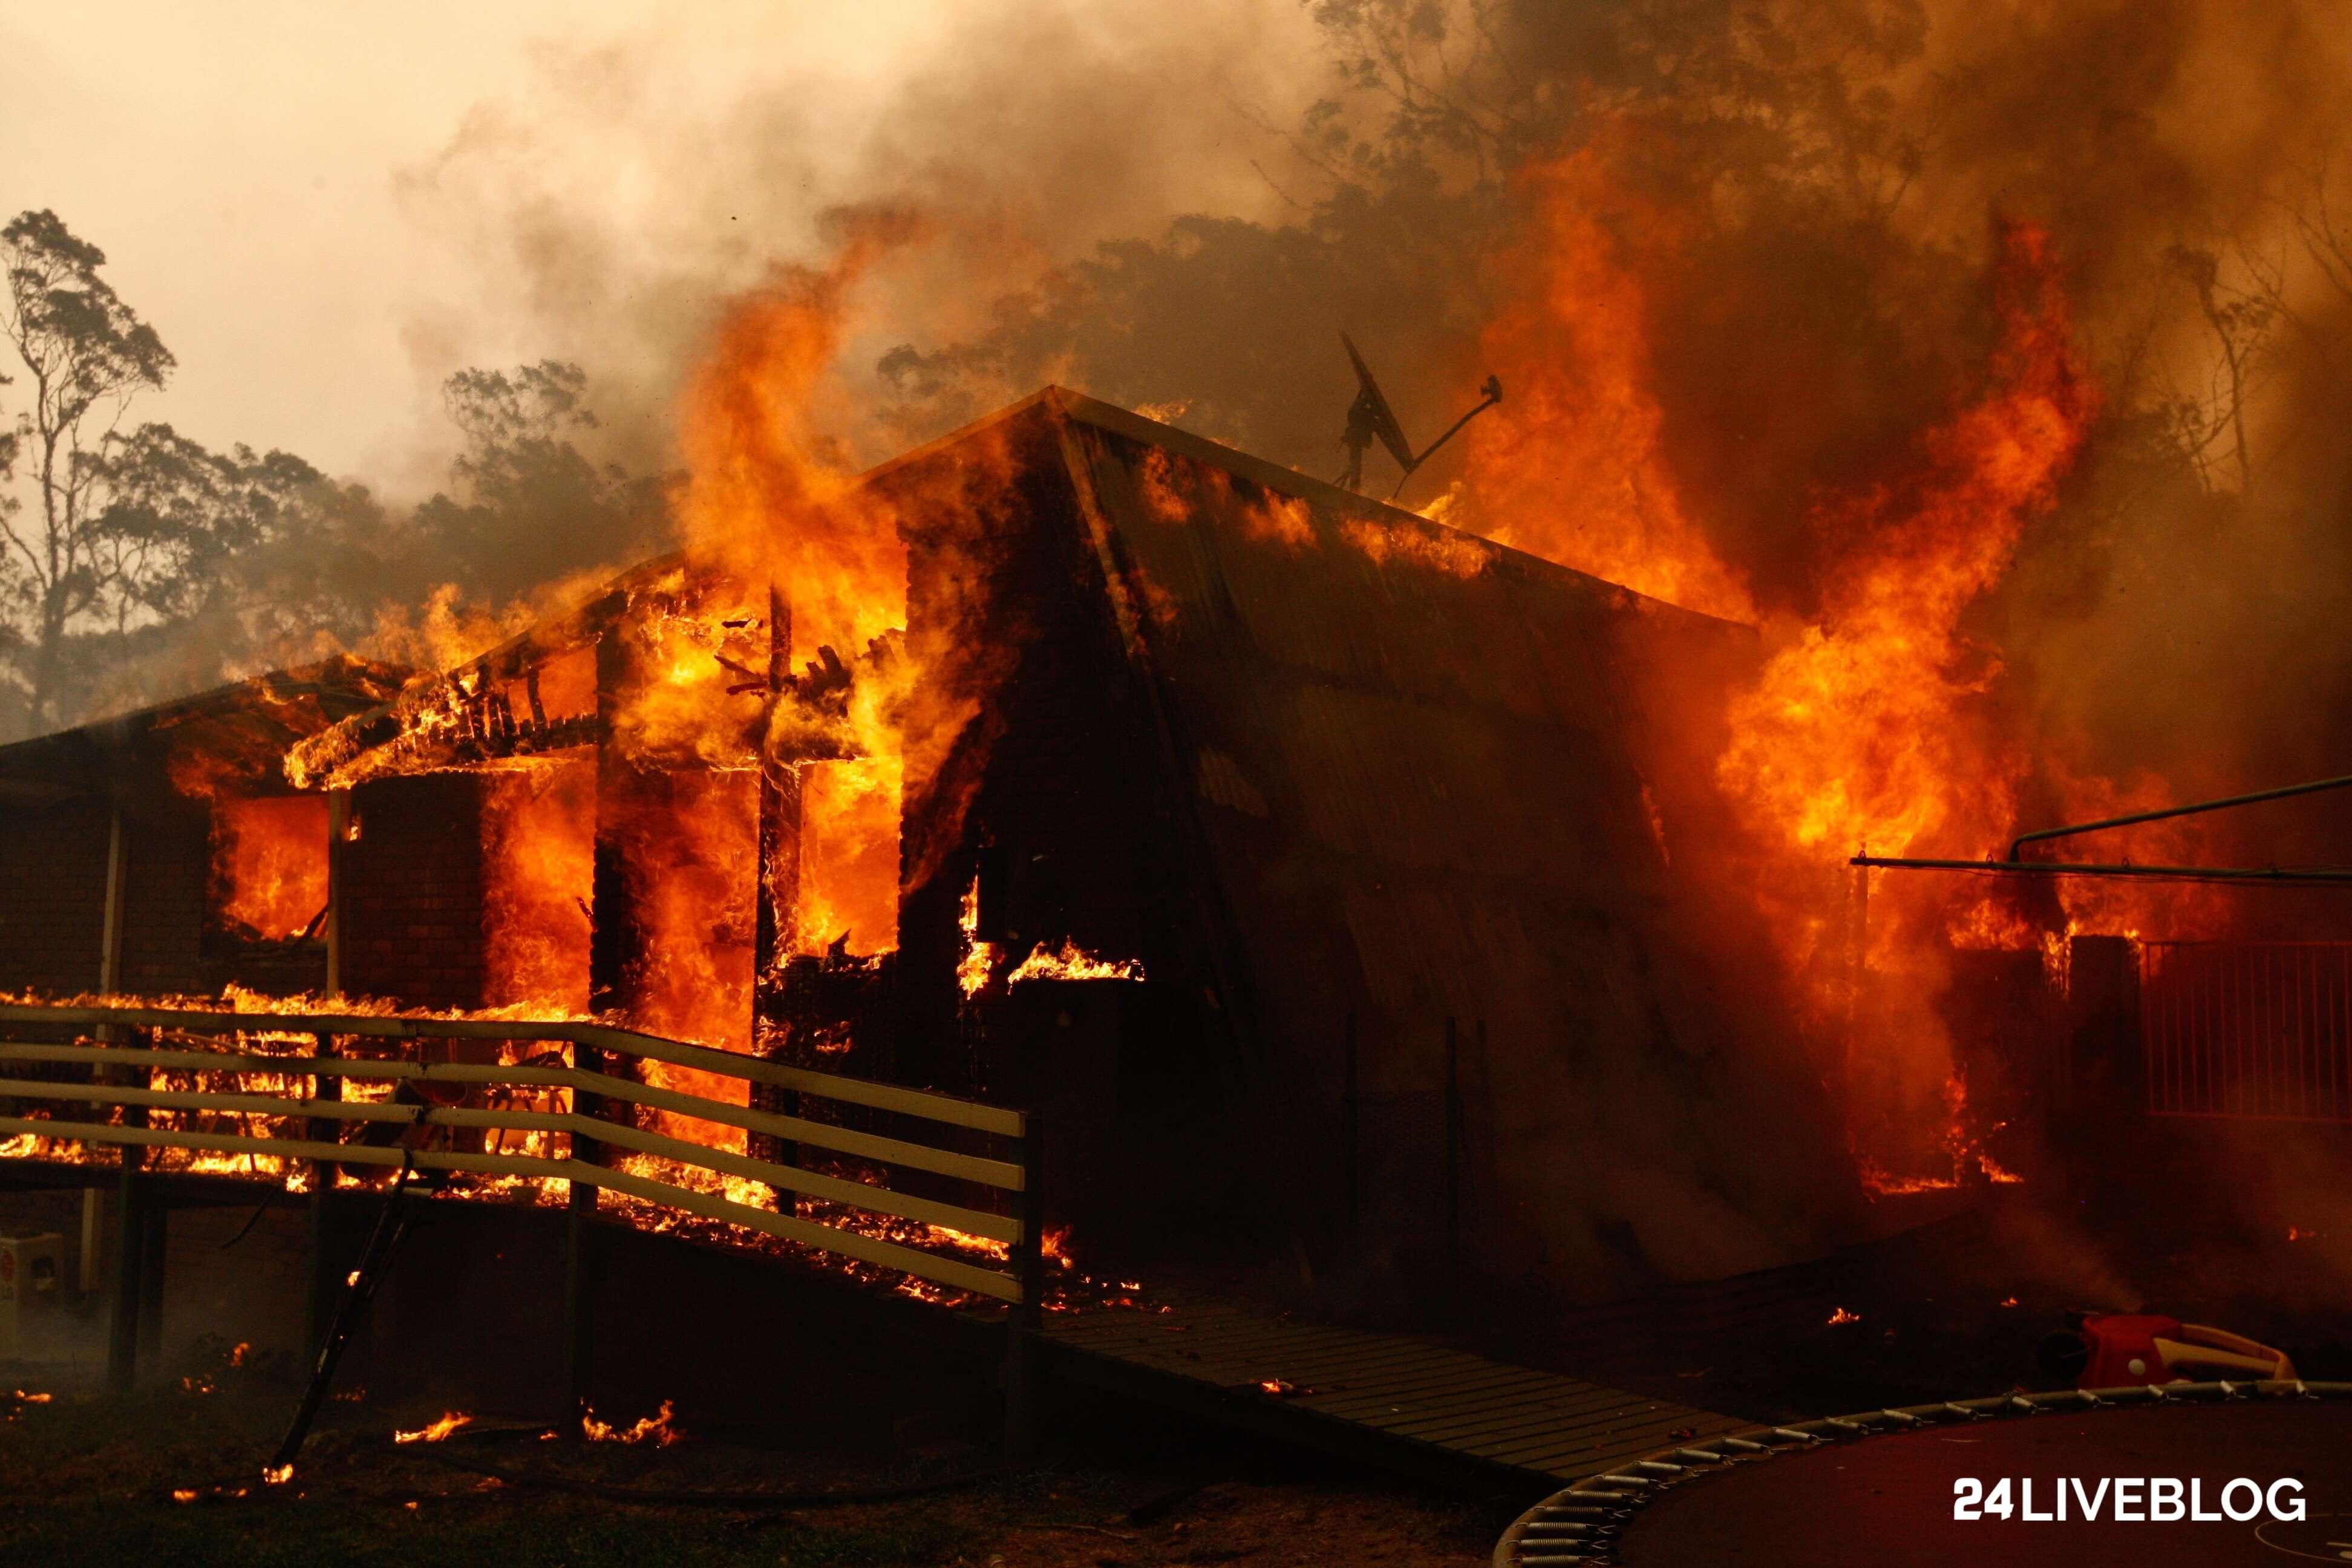 Katastrofalni požar u Australiji - Page 2 20191219213623_752651